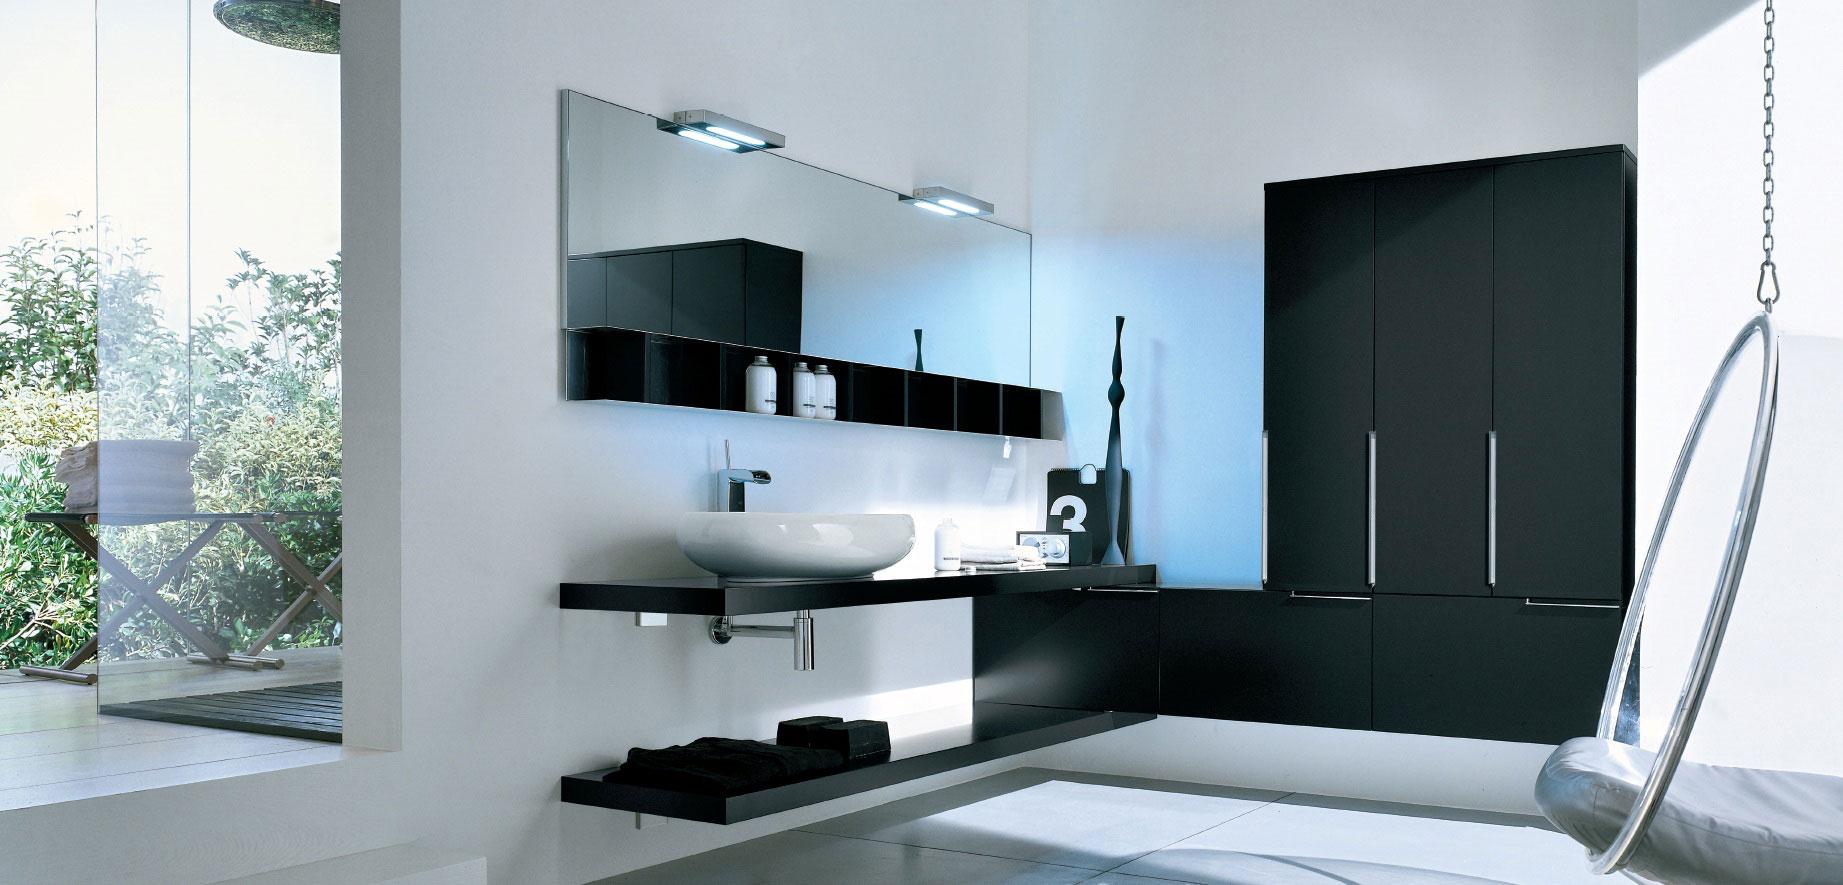 Immobilier travaux les points forts d 39 une salle de bain for Travaux plomberie salle de bain